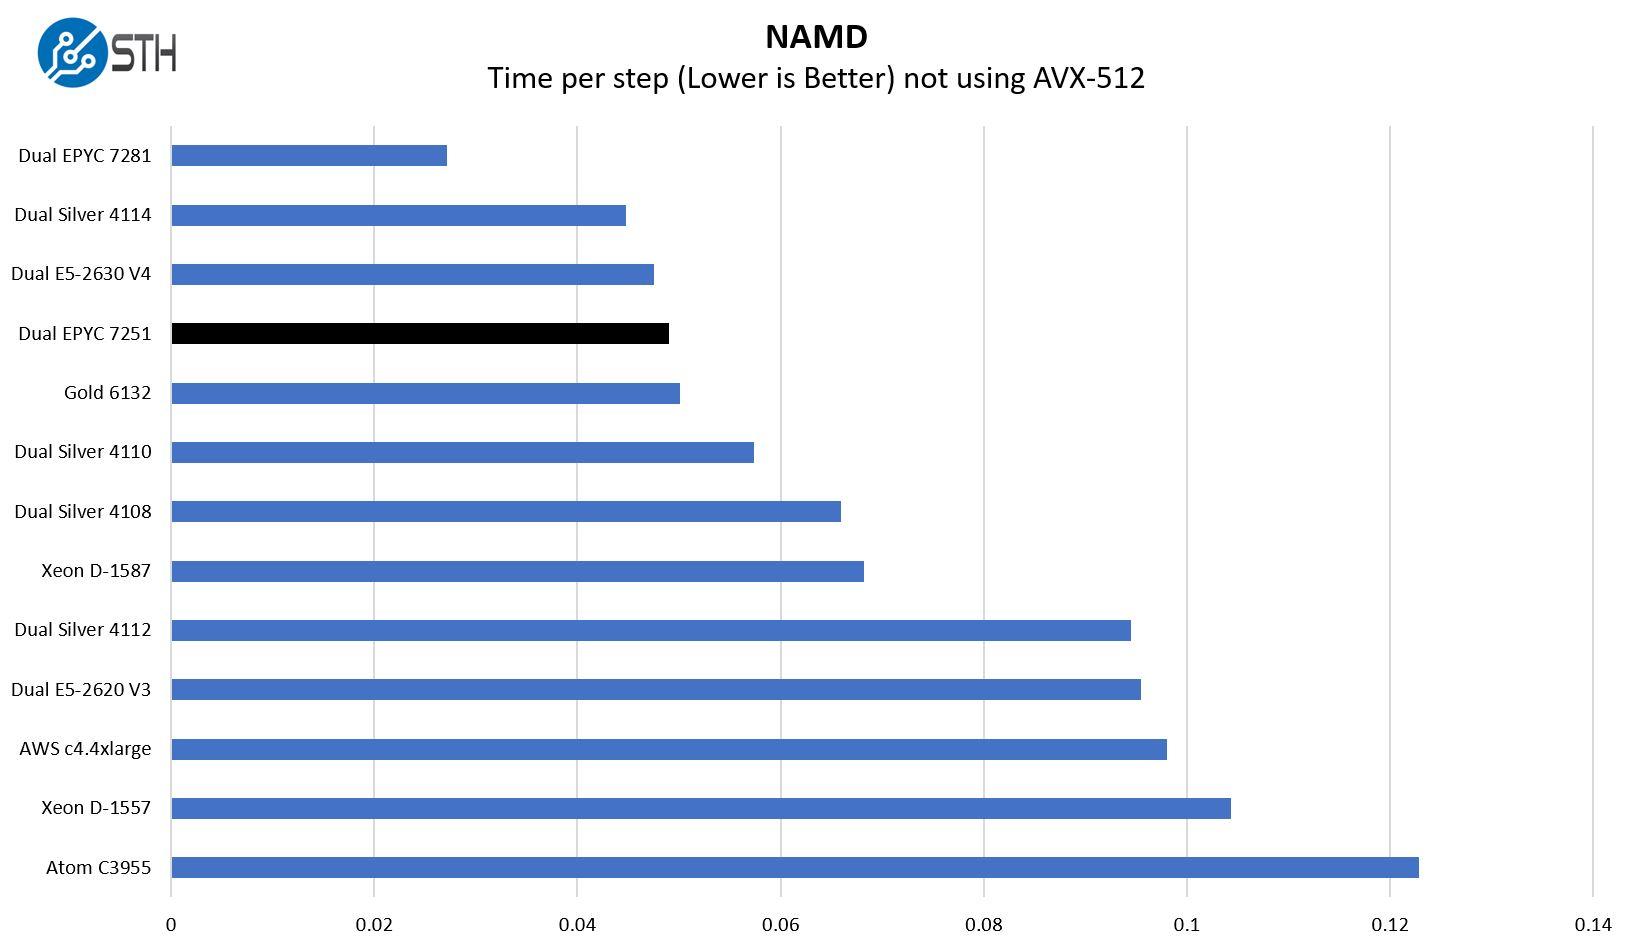 Dual AMD EPYC 7251 NAMD Benchmarks